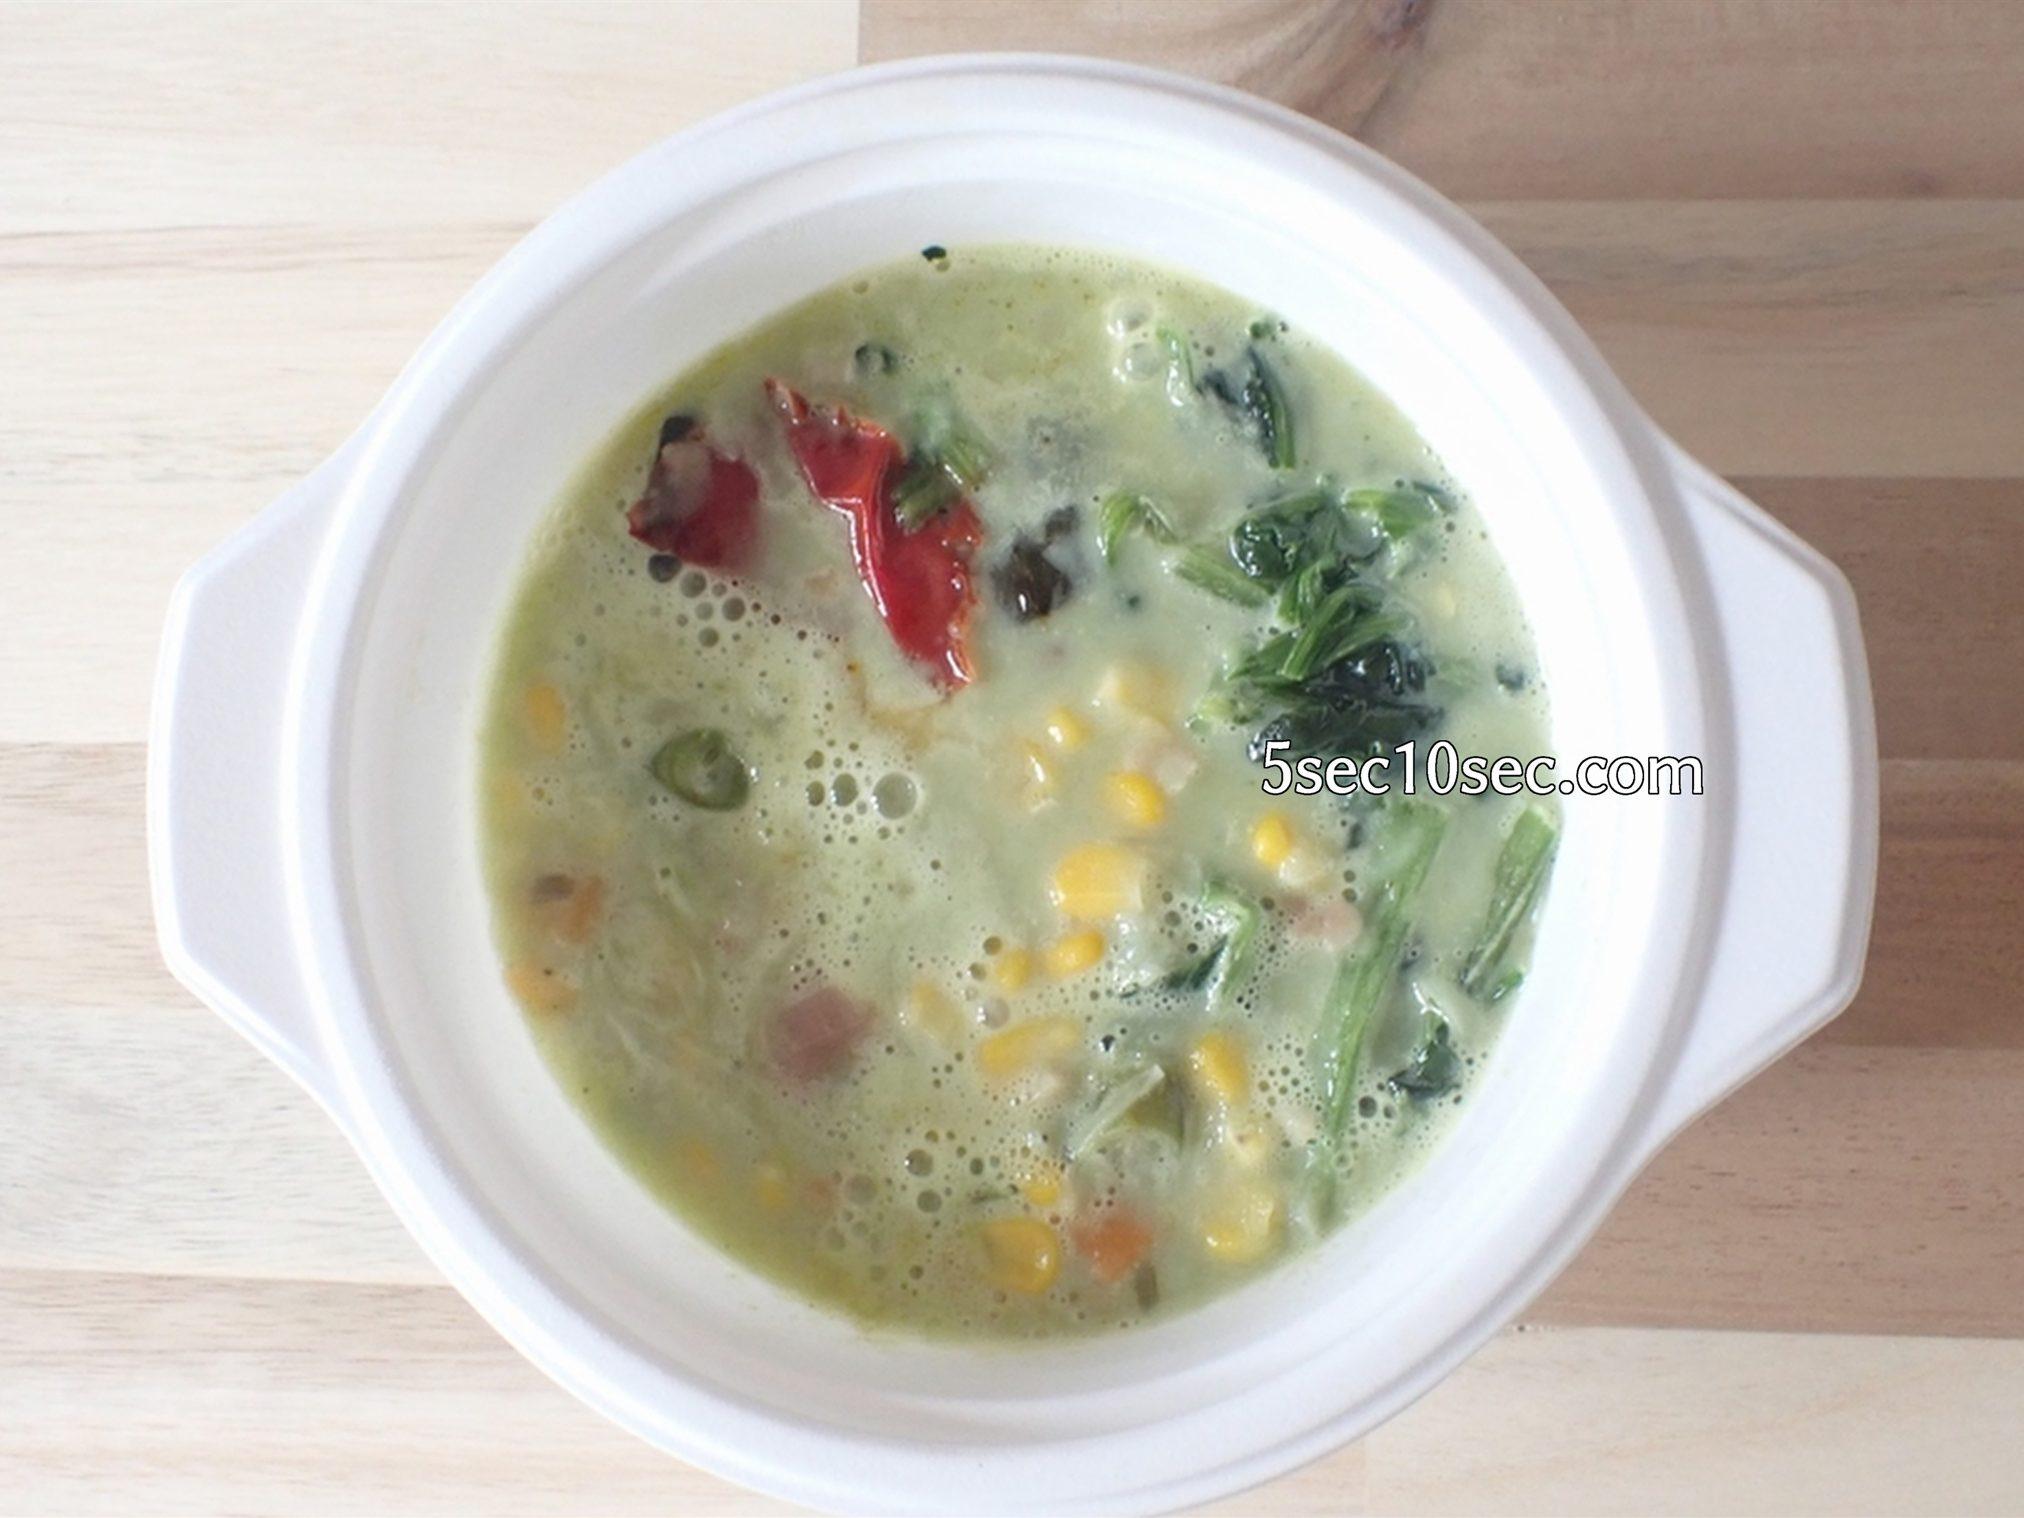 冷凍宅配 ウェルネスダイニング ベジ活スープ食 クリームほうれん草 電子レンジで解凍後の写真